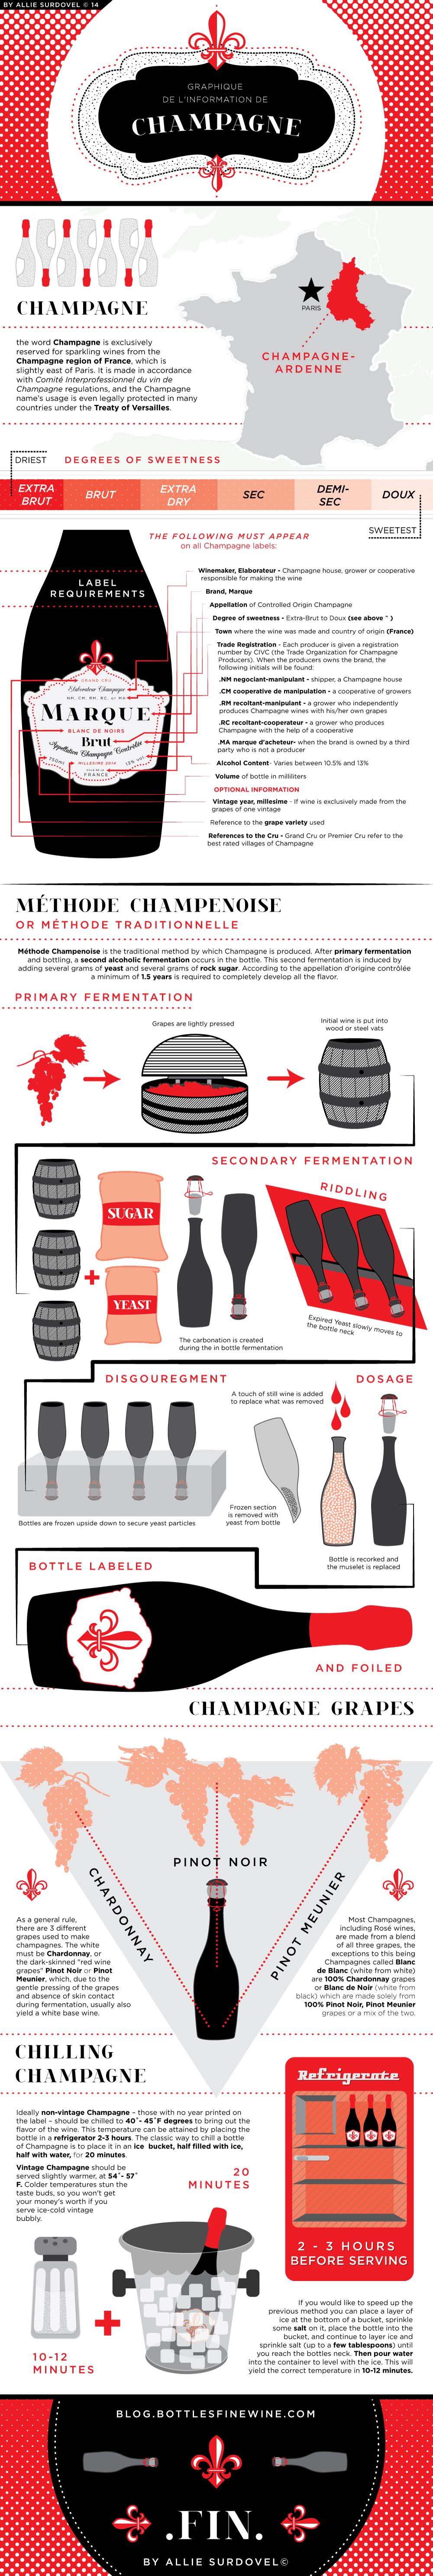 champagne-info-allie2.jpg